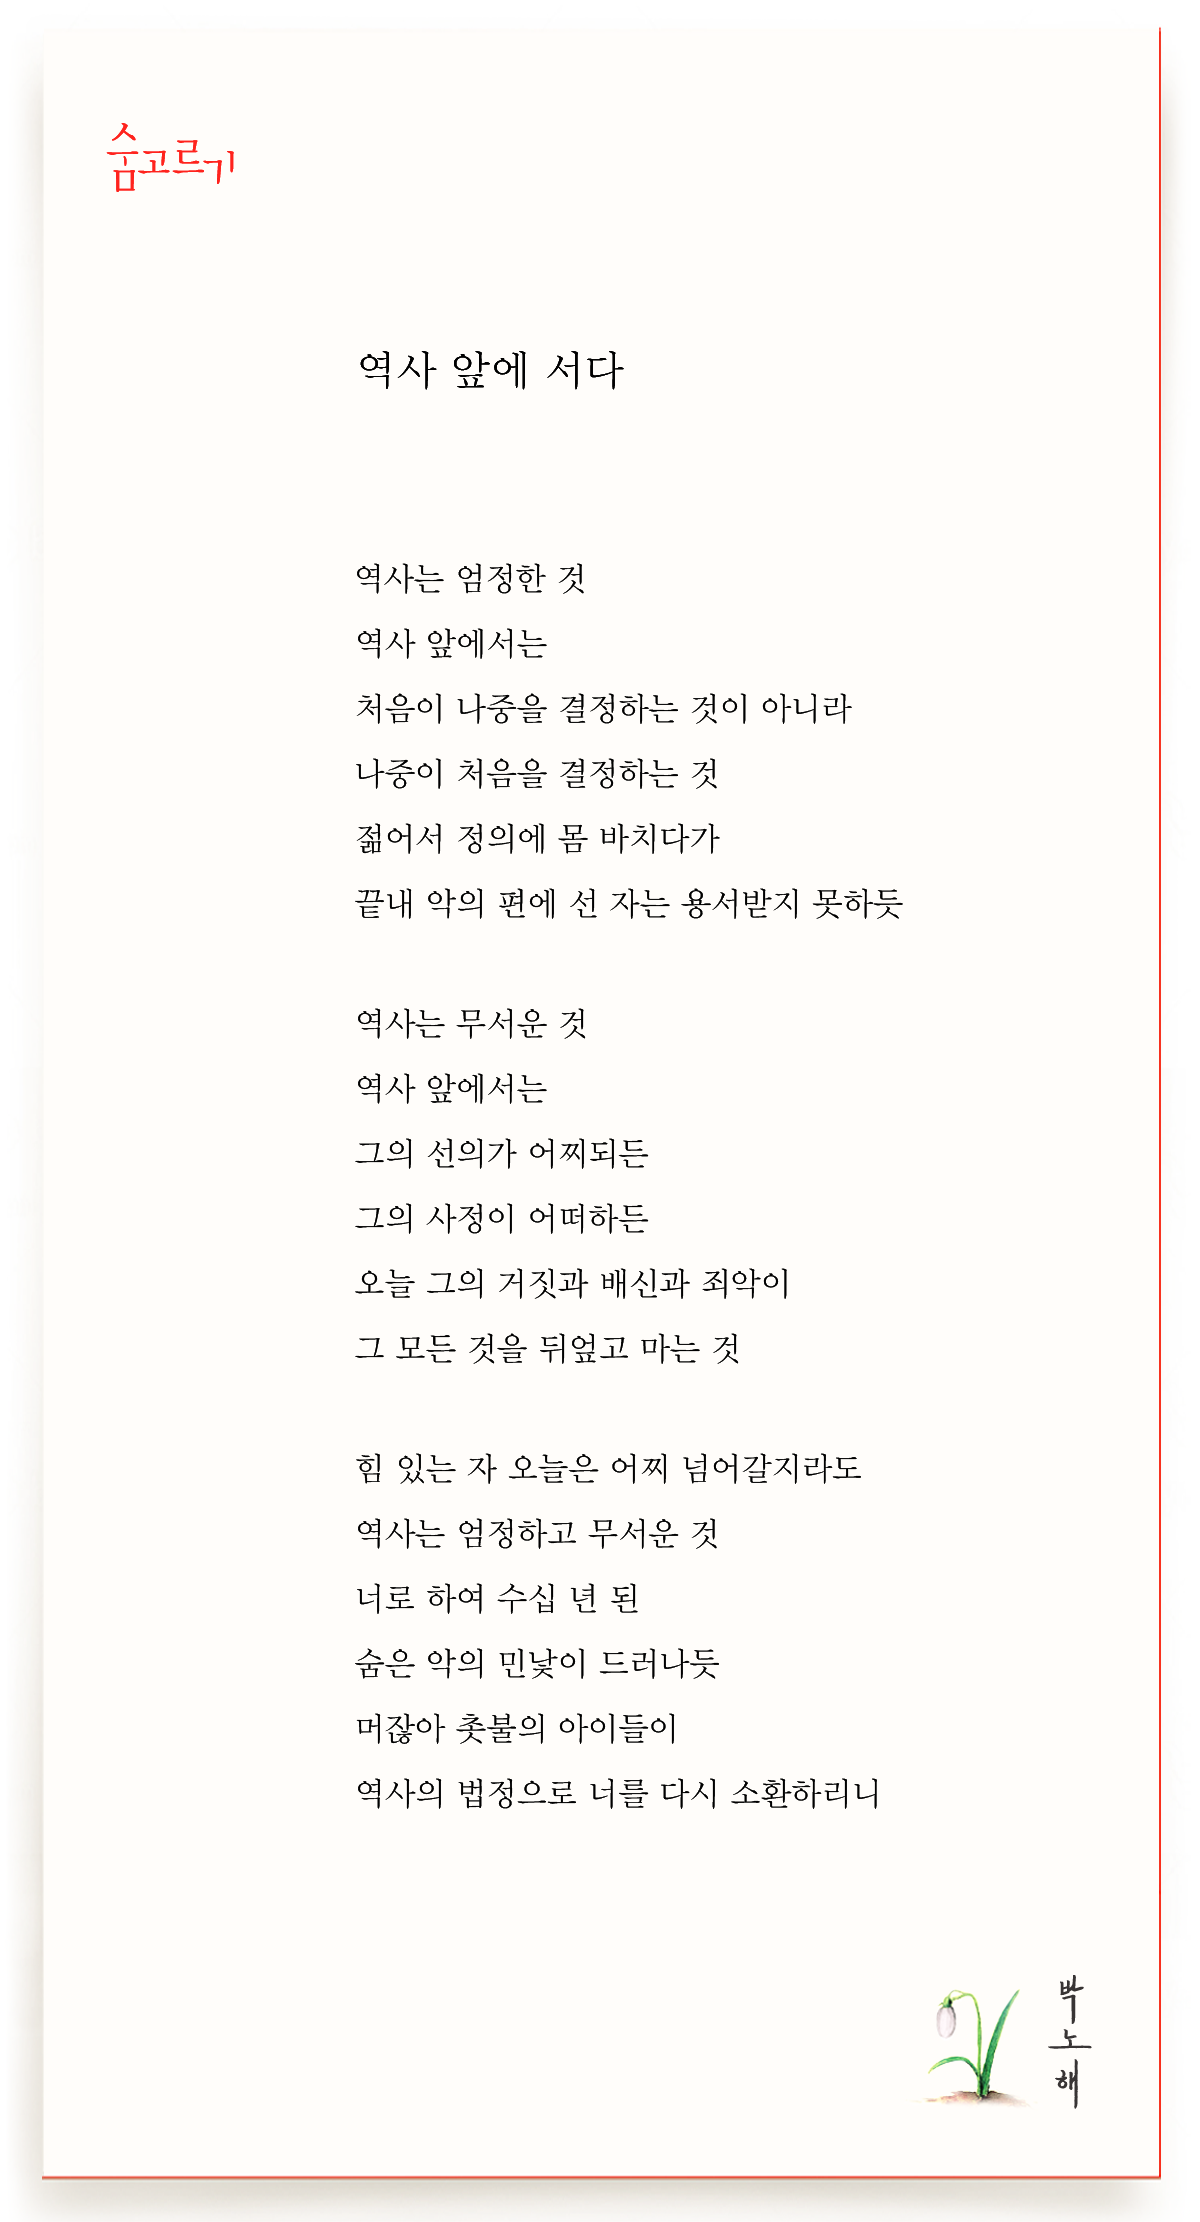 박노해의 숨고르기 역사 앞에 서다